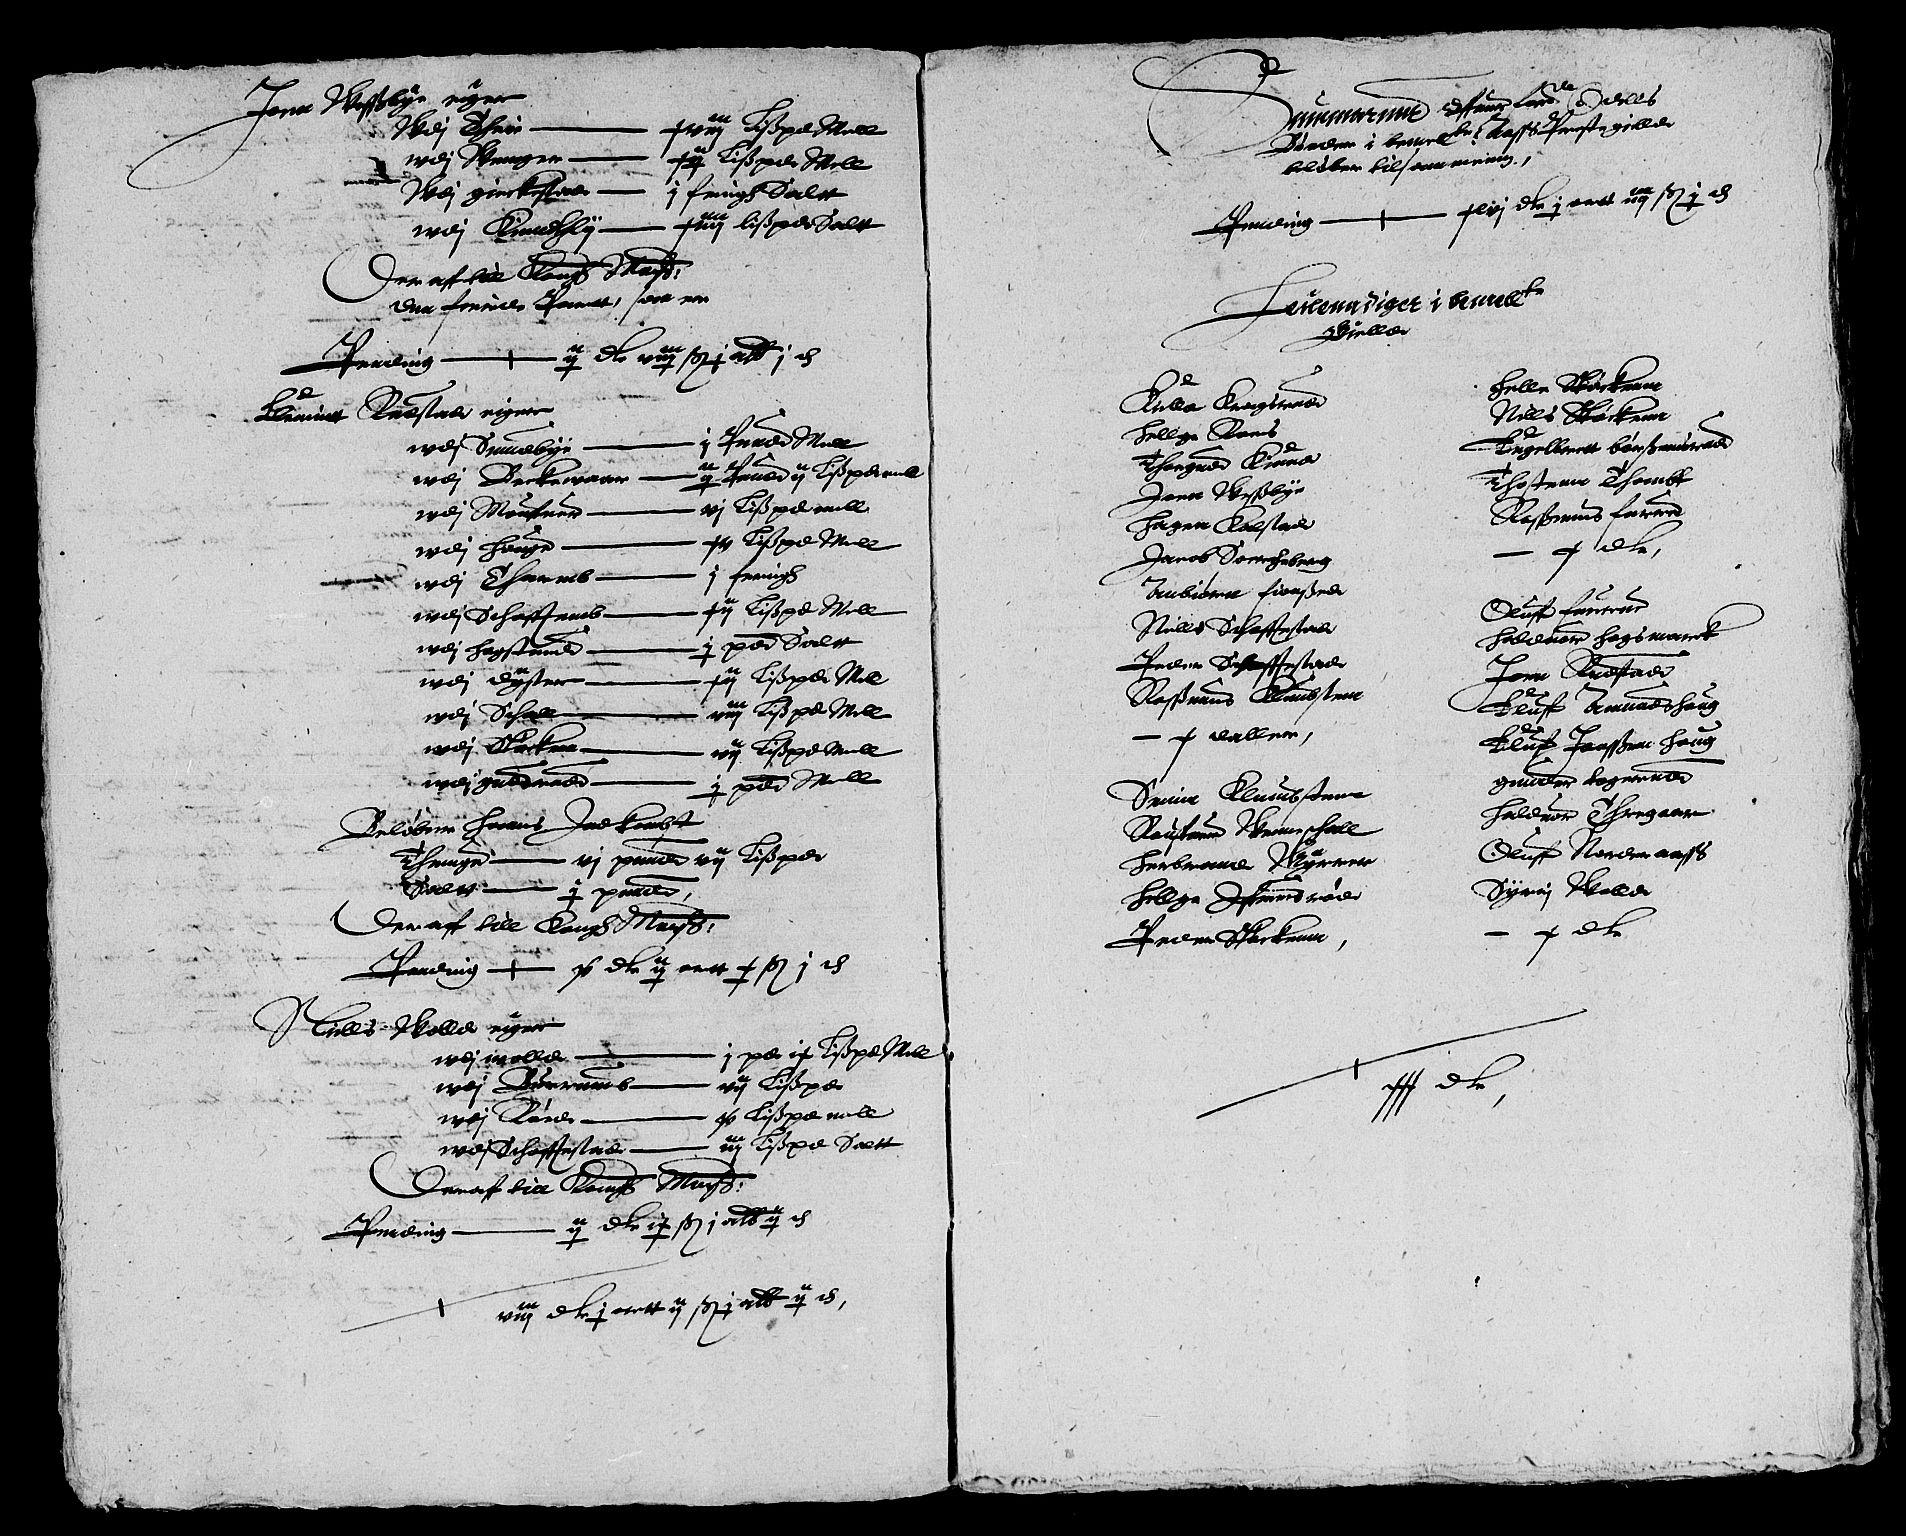 RA, Rentekammeret inntil 1814, Reviderte regnskaper, Lensregnskaper, R/Rb/Rba/L0083: Akershus len, 1627-1628